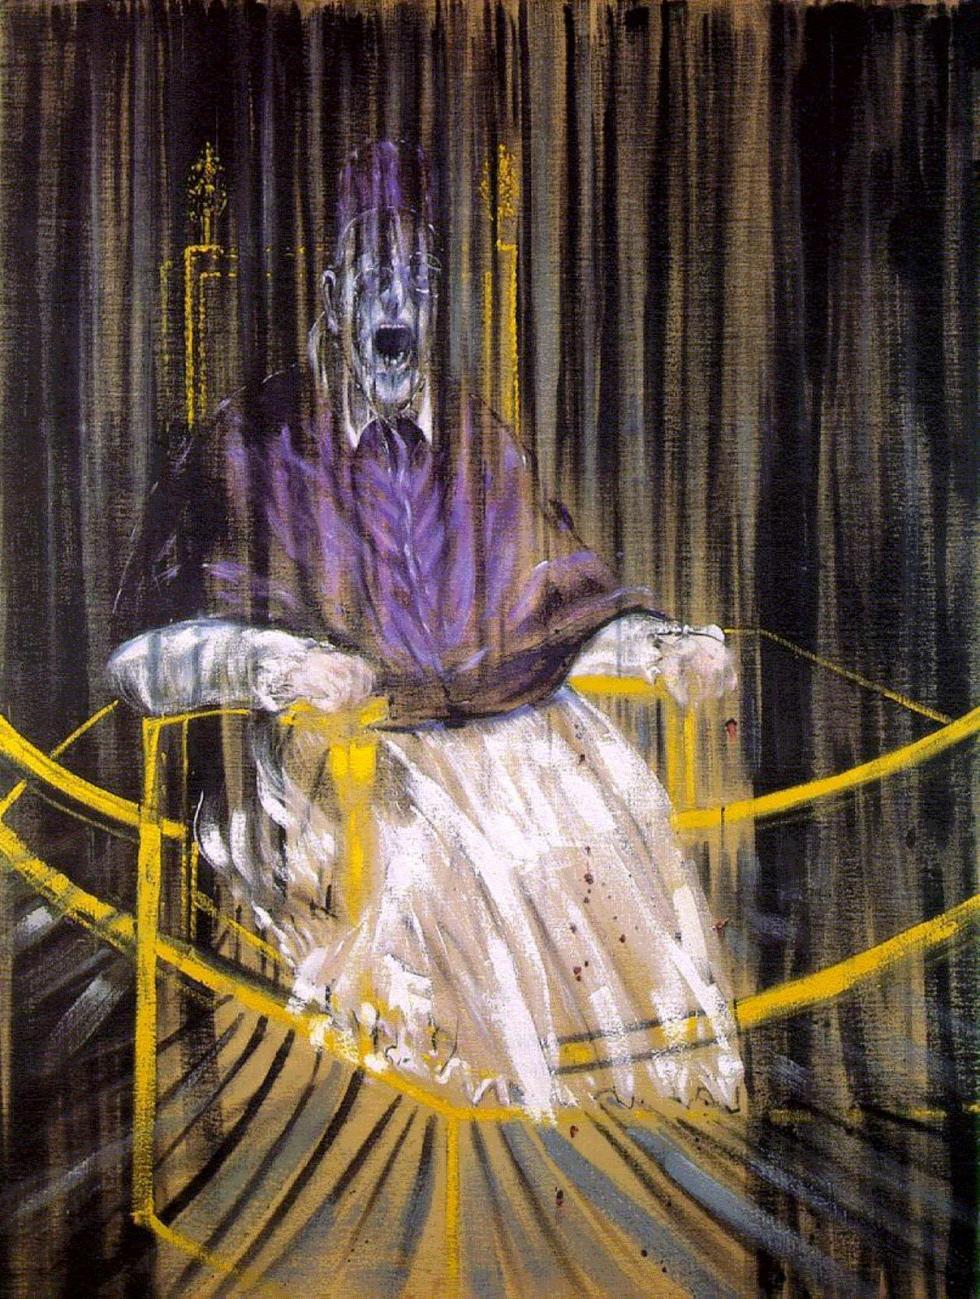 Study_after_Velazquez's_Portrait_of_Pope_Innocent_X.jpg (JPEG Image, 280×356 pixels)